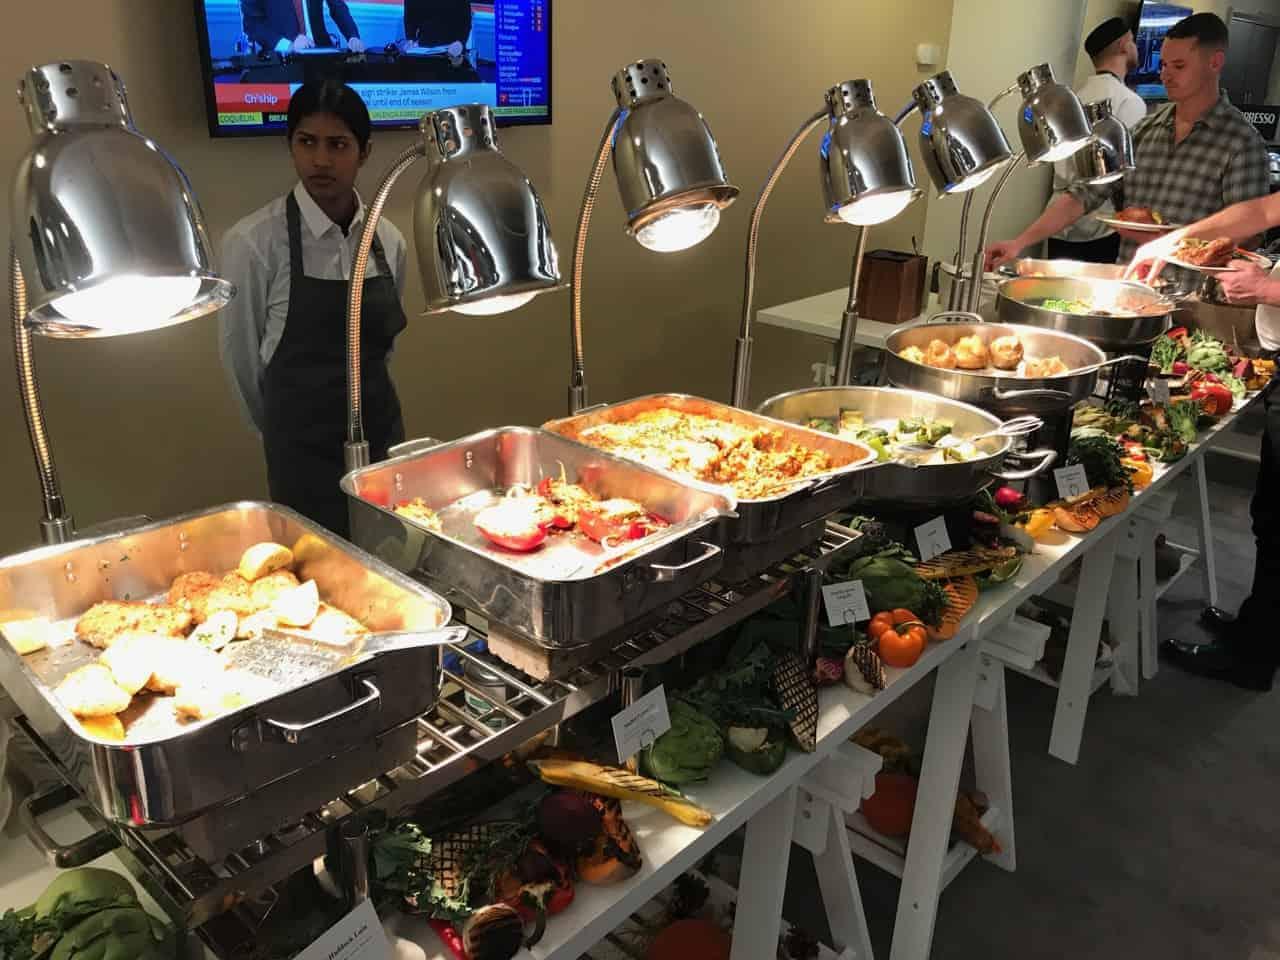 Premier League hospitality lounge buffet food